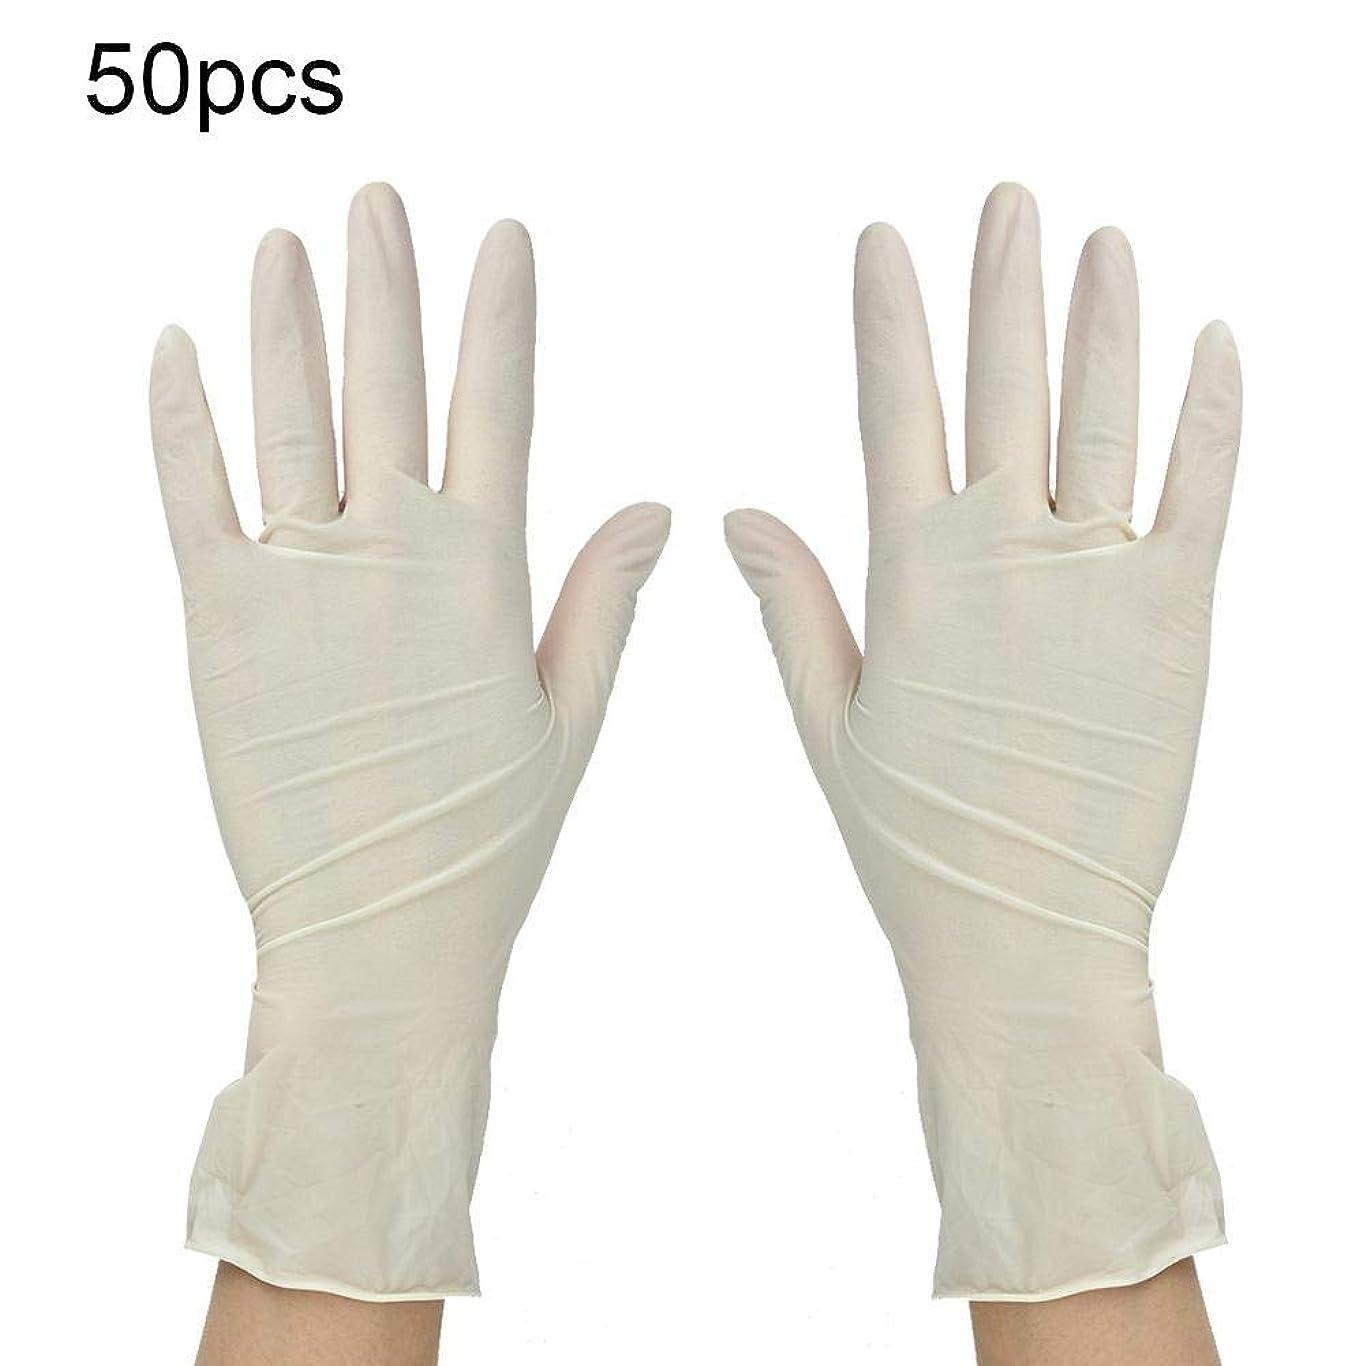 どのくらいの頻度で崇拝します美徳50ペア/パック使い捨て手袋 エクストラストロングラテックスグローブ 美容院医療歯科 サービスクリーニング手袋(S)